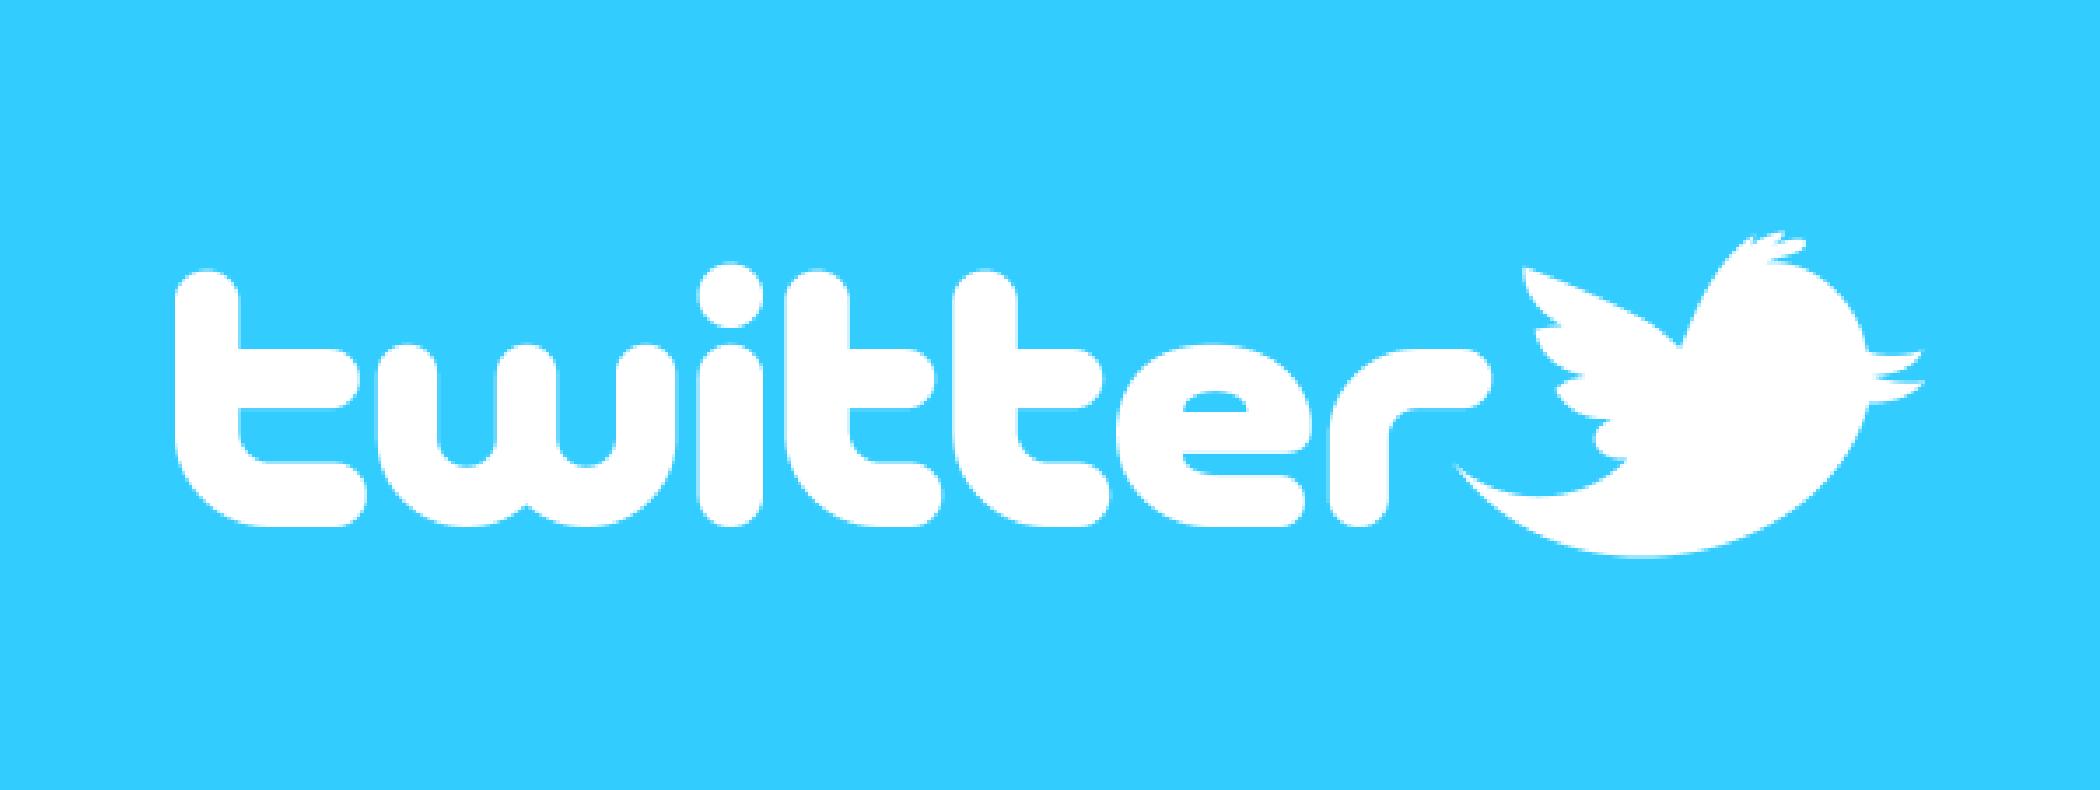 twitter-da-korsan-saldiri-kullanicilarin-bilgileri-calindi-mi-1